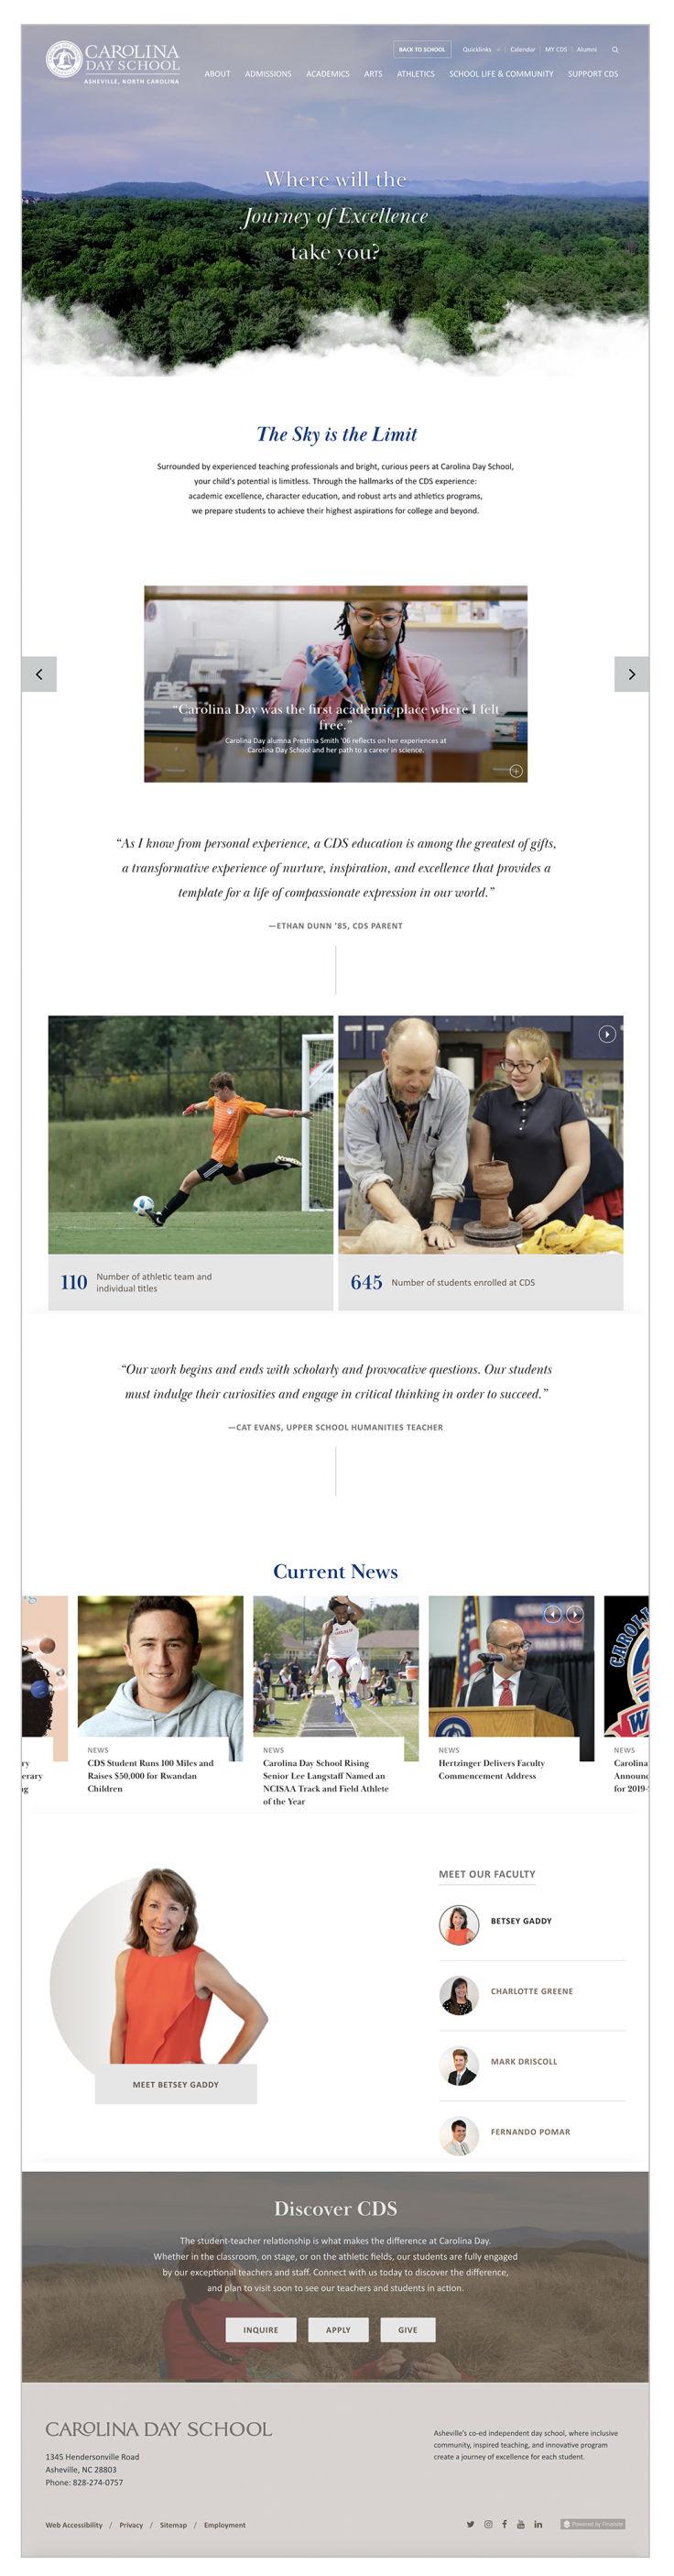 CDS_website_homepage.jpg